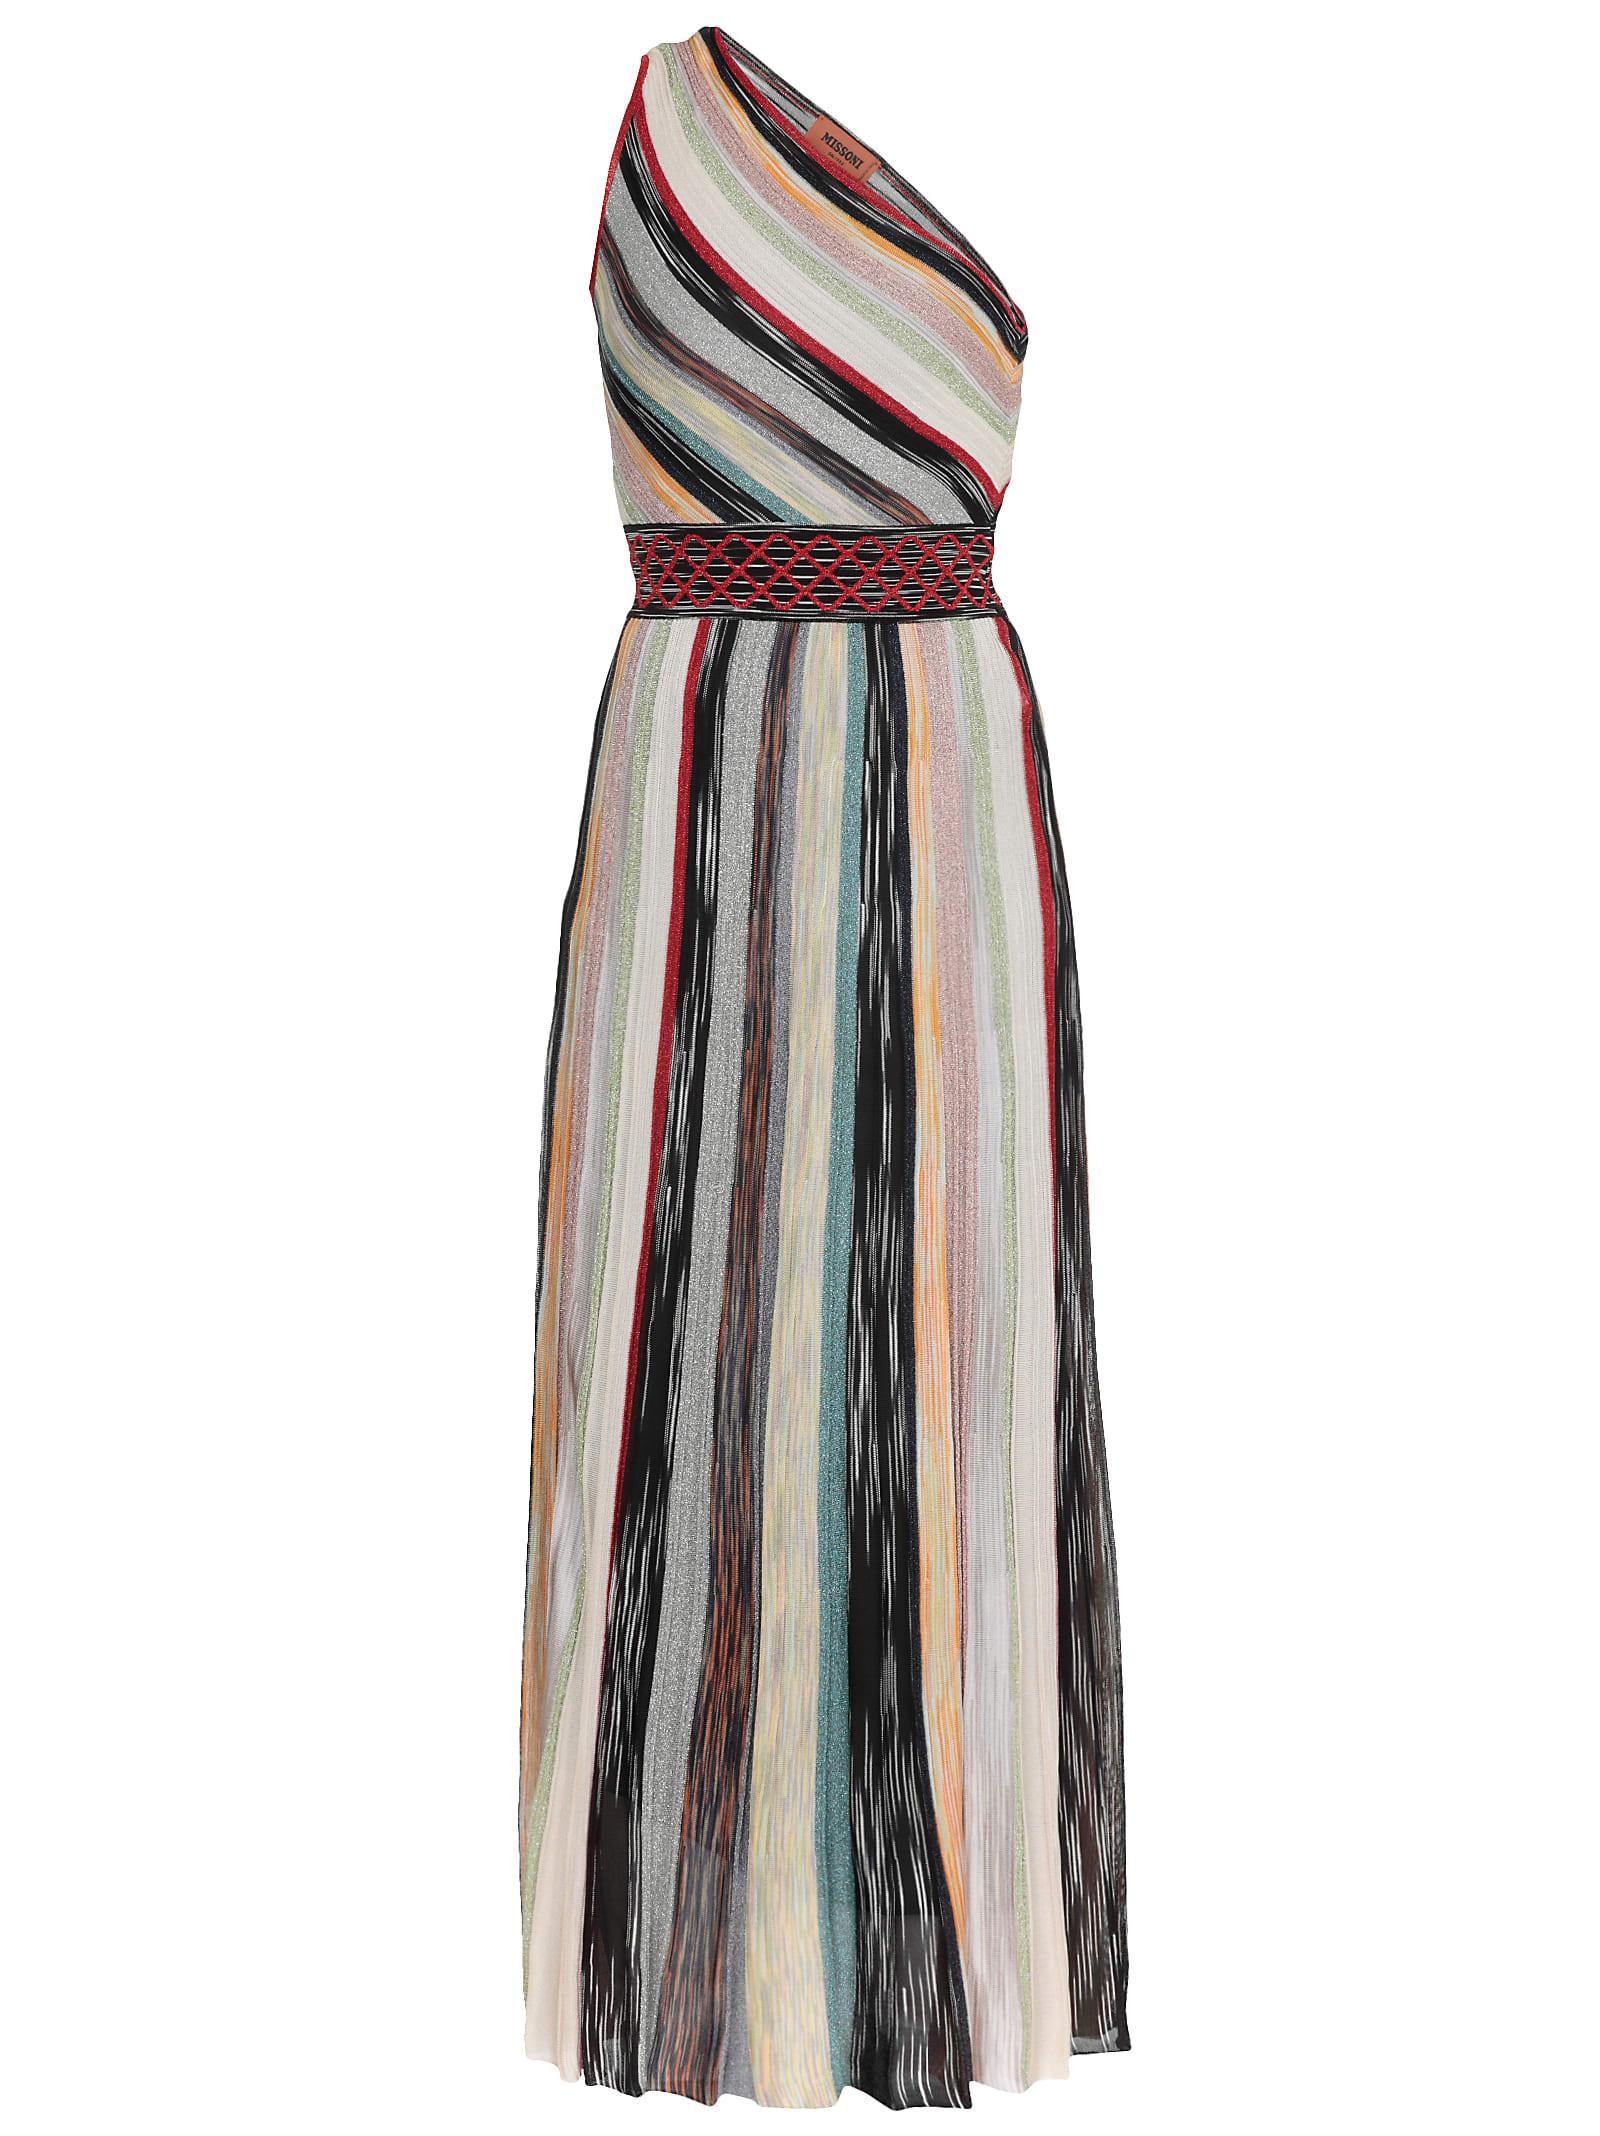 Missoni One-shoulder Strap Dress